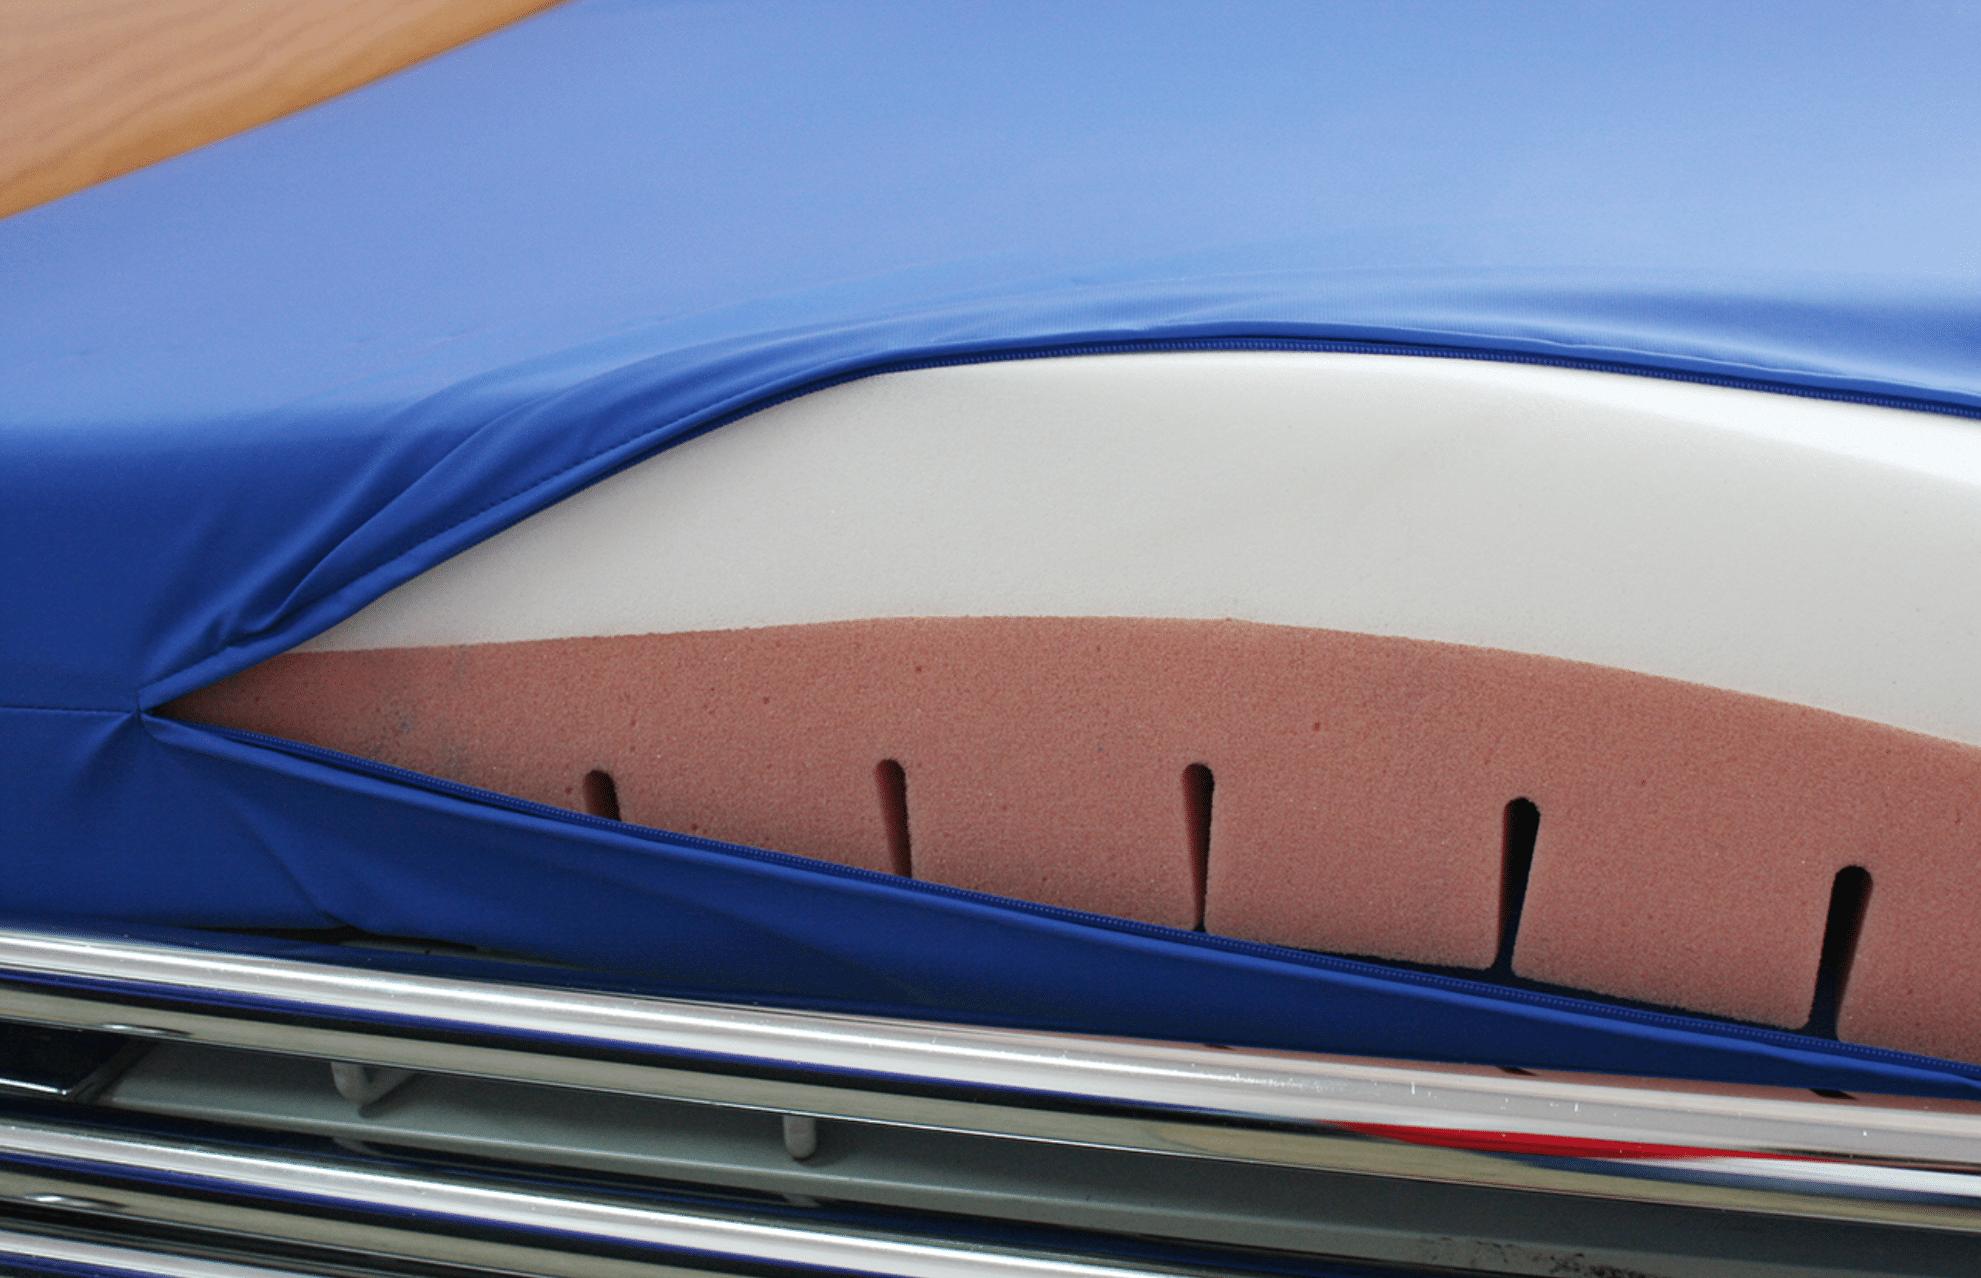 Colchão com interior branco e vermelho e capa azul